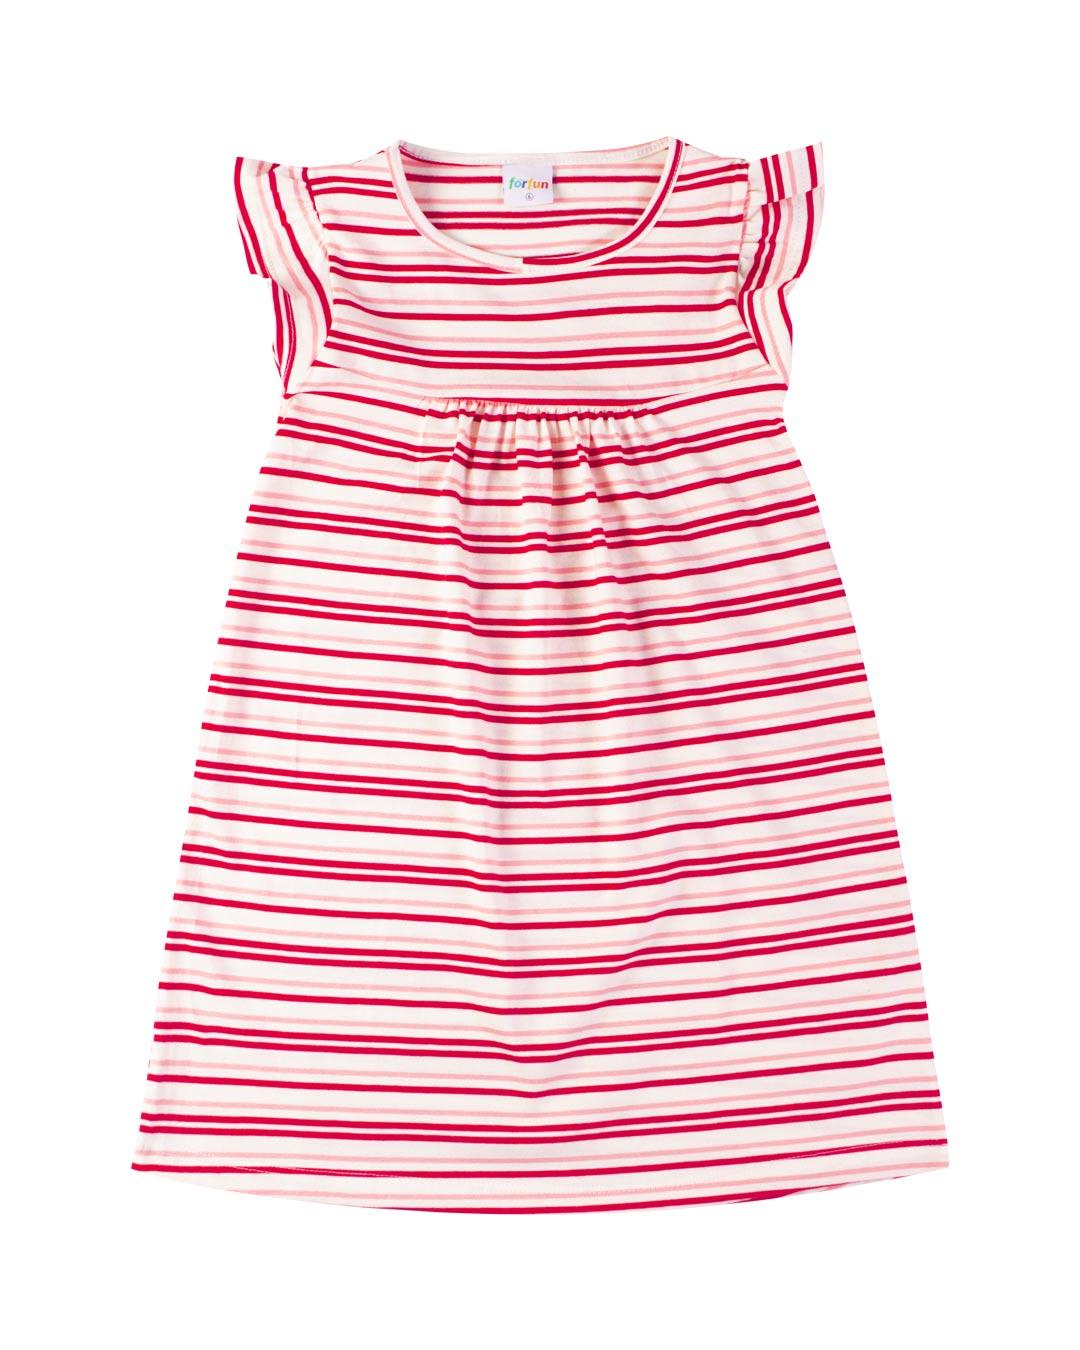 Vestido Infantil Listrado Vermelho - For Fun